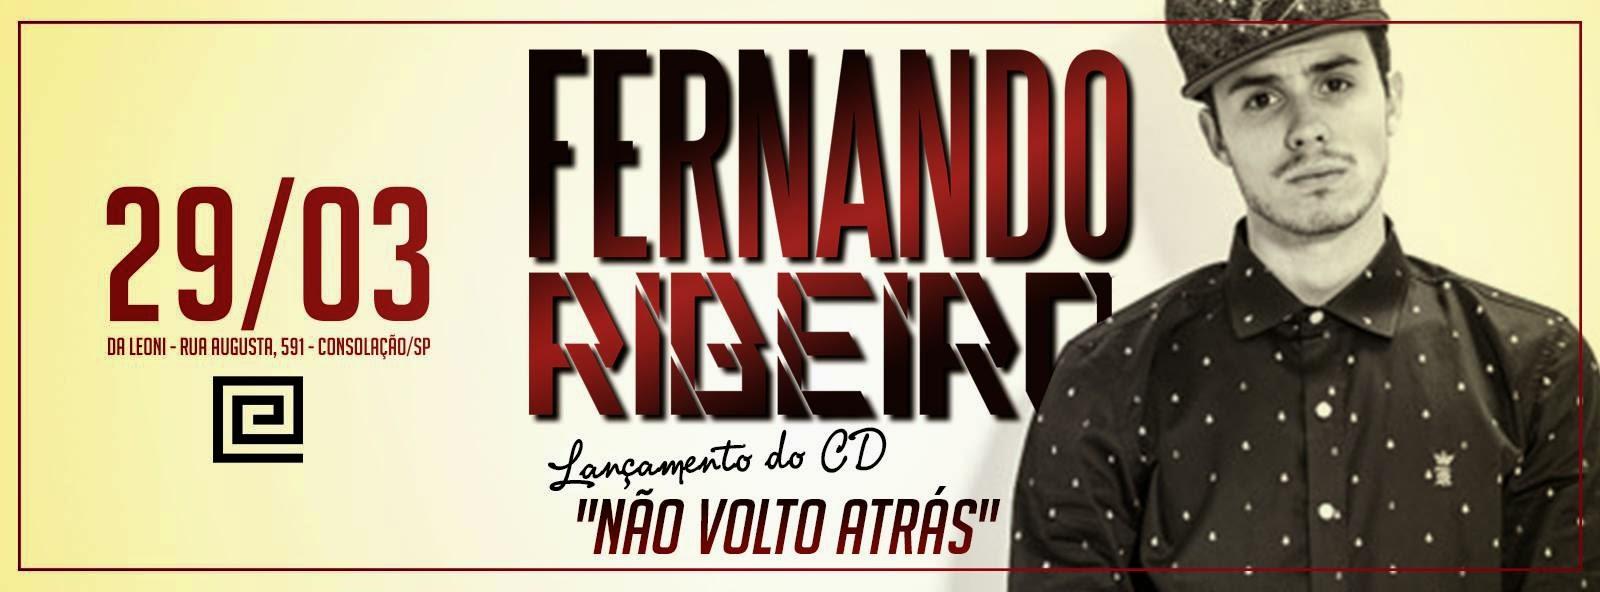 Rapper Fernando Ribeiro lança seu primeiro disco no Da Leoni